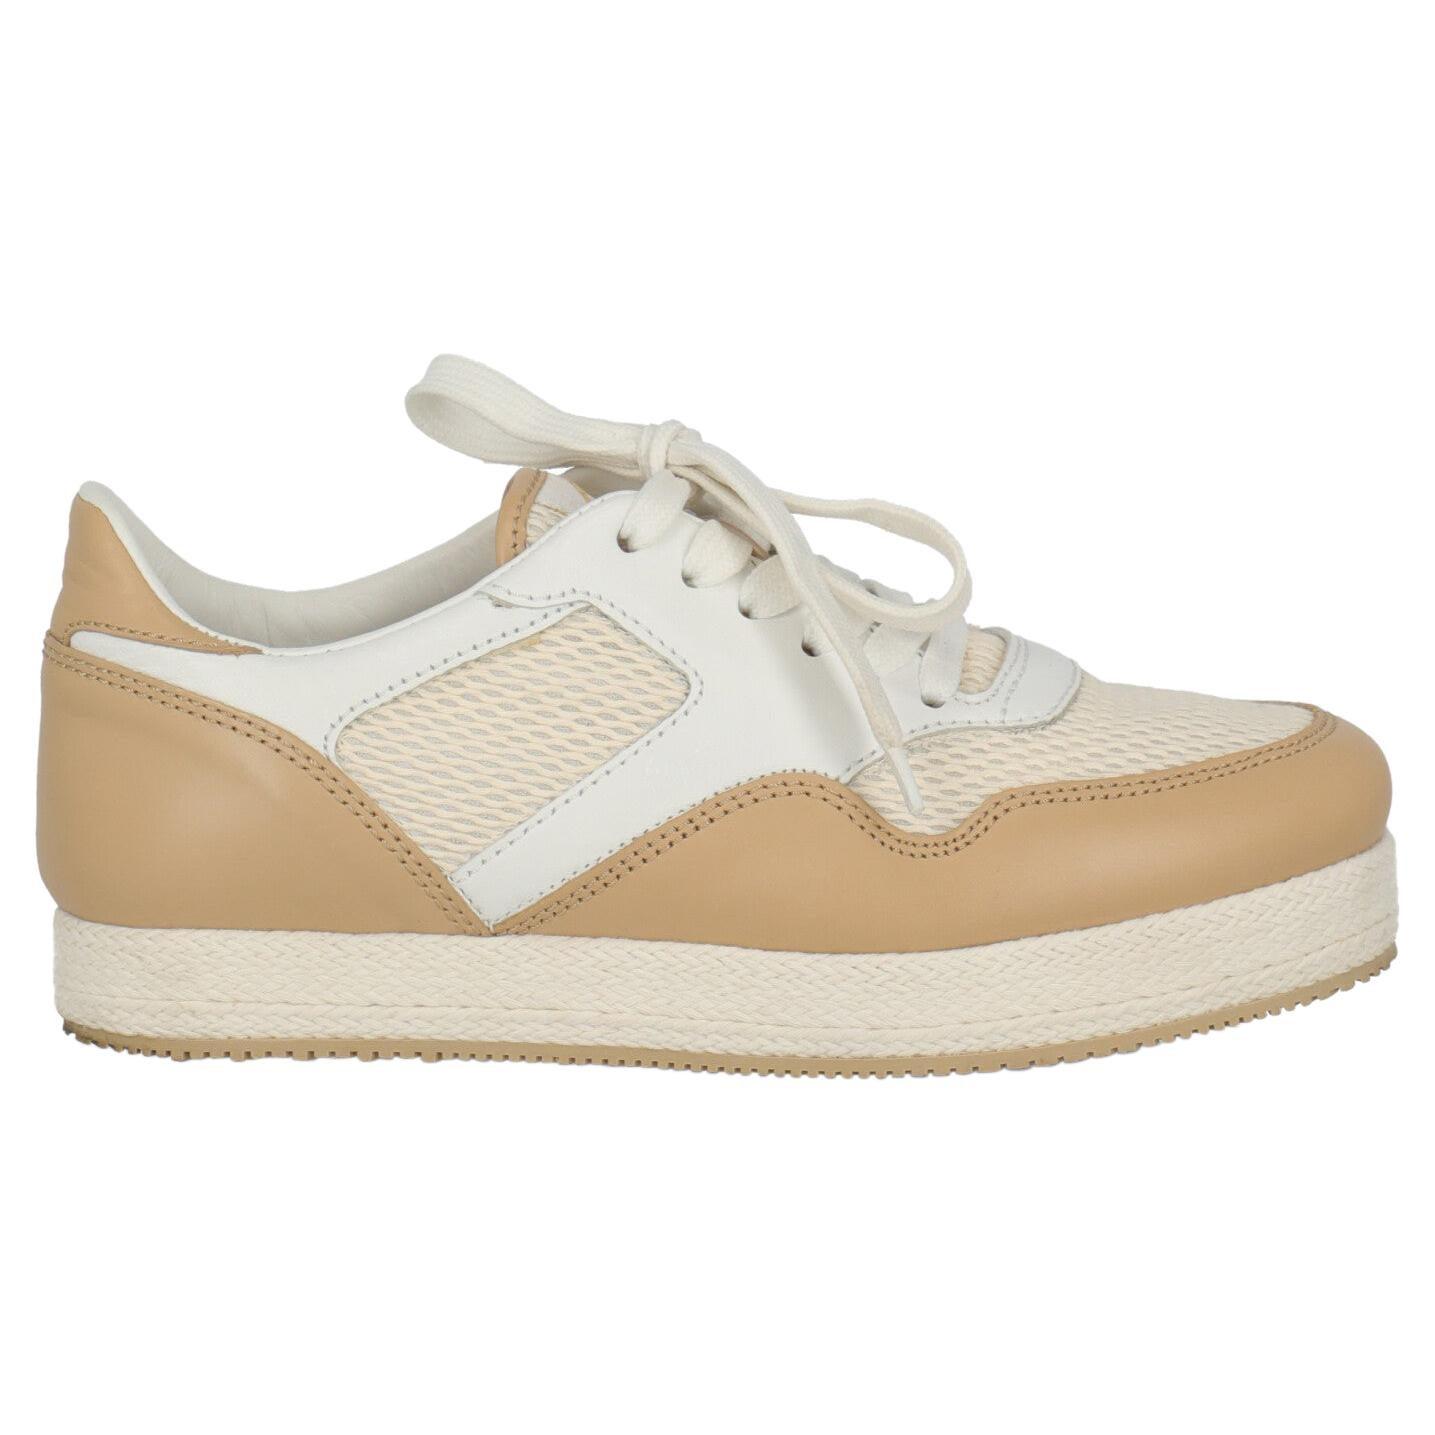 Hogan Women Sneakers Beige Leather IT 37